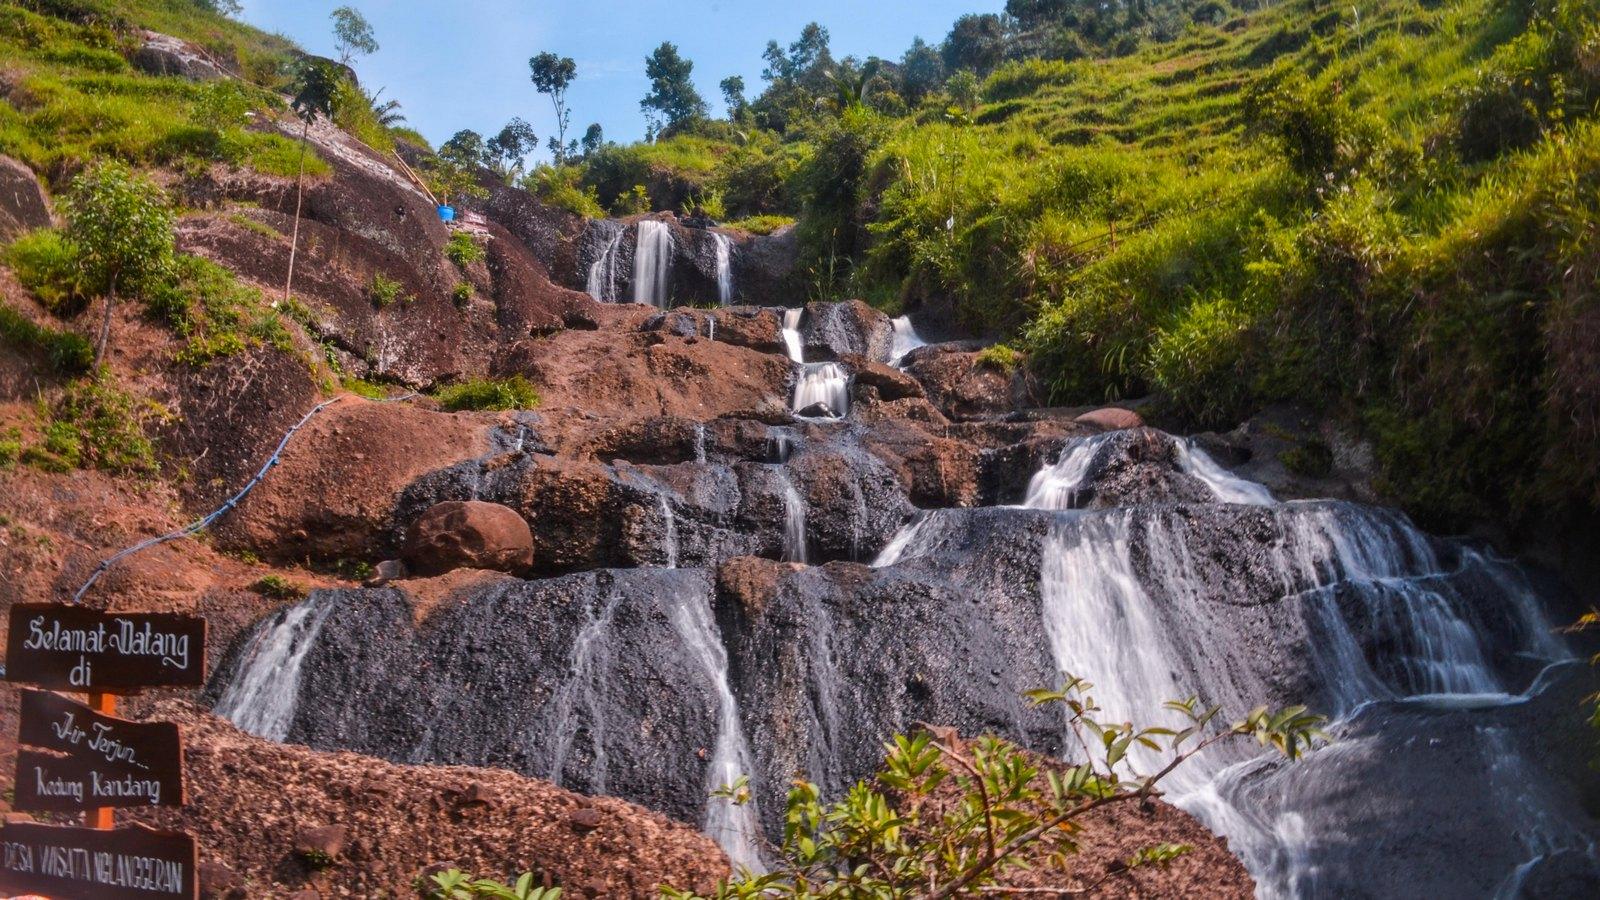 Prestasi Desa Wisata Nglanggeran Maju Depan Travel Today Air Terjun